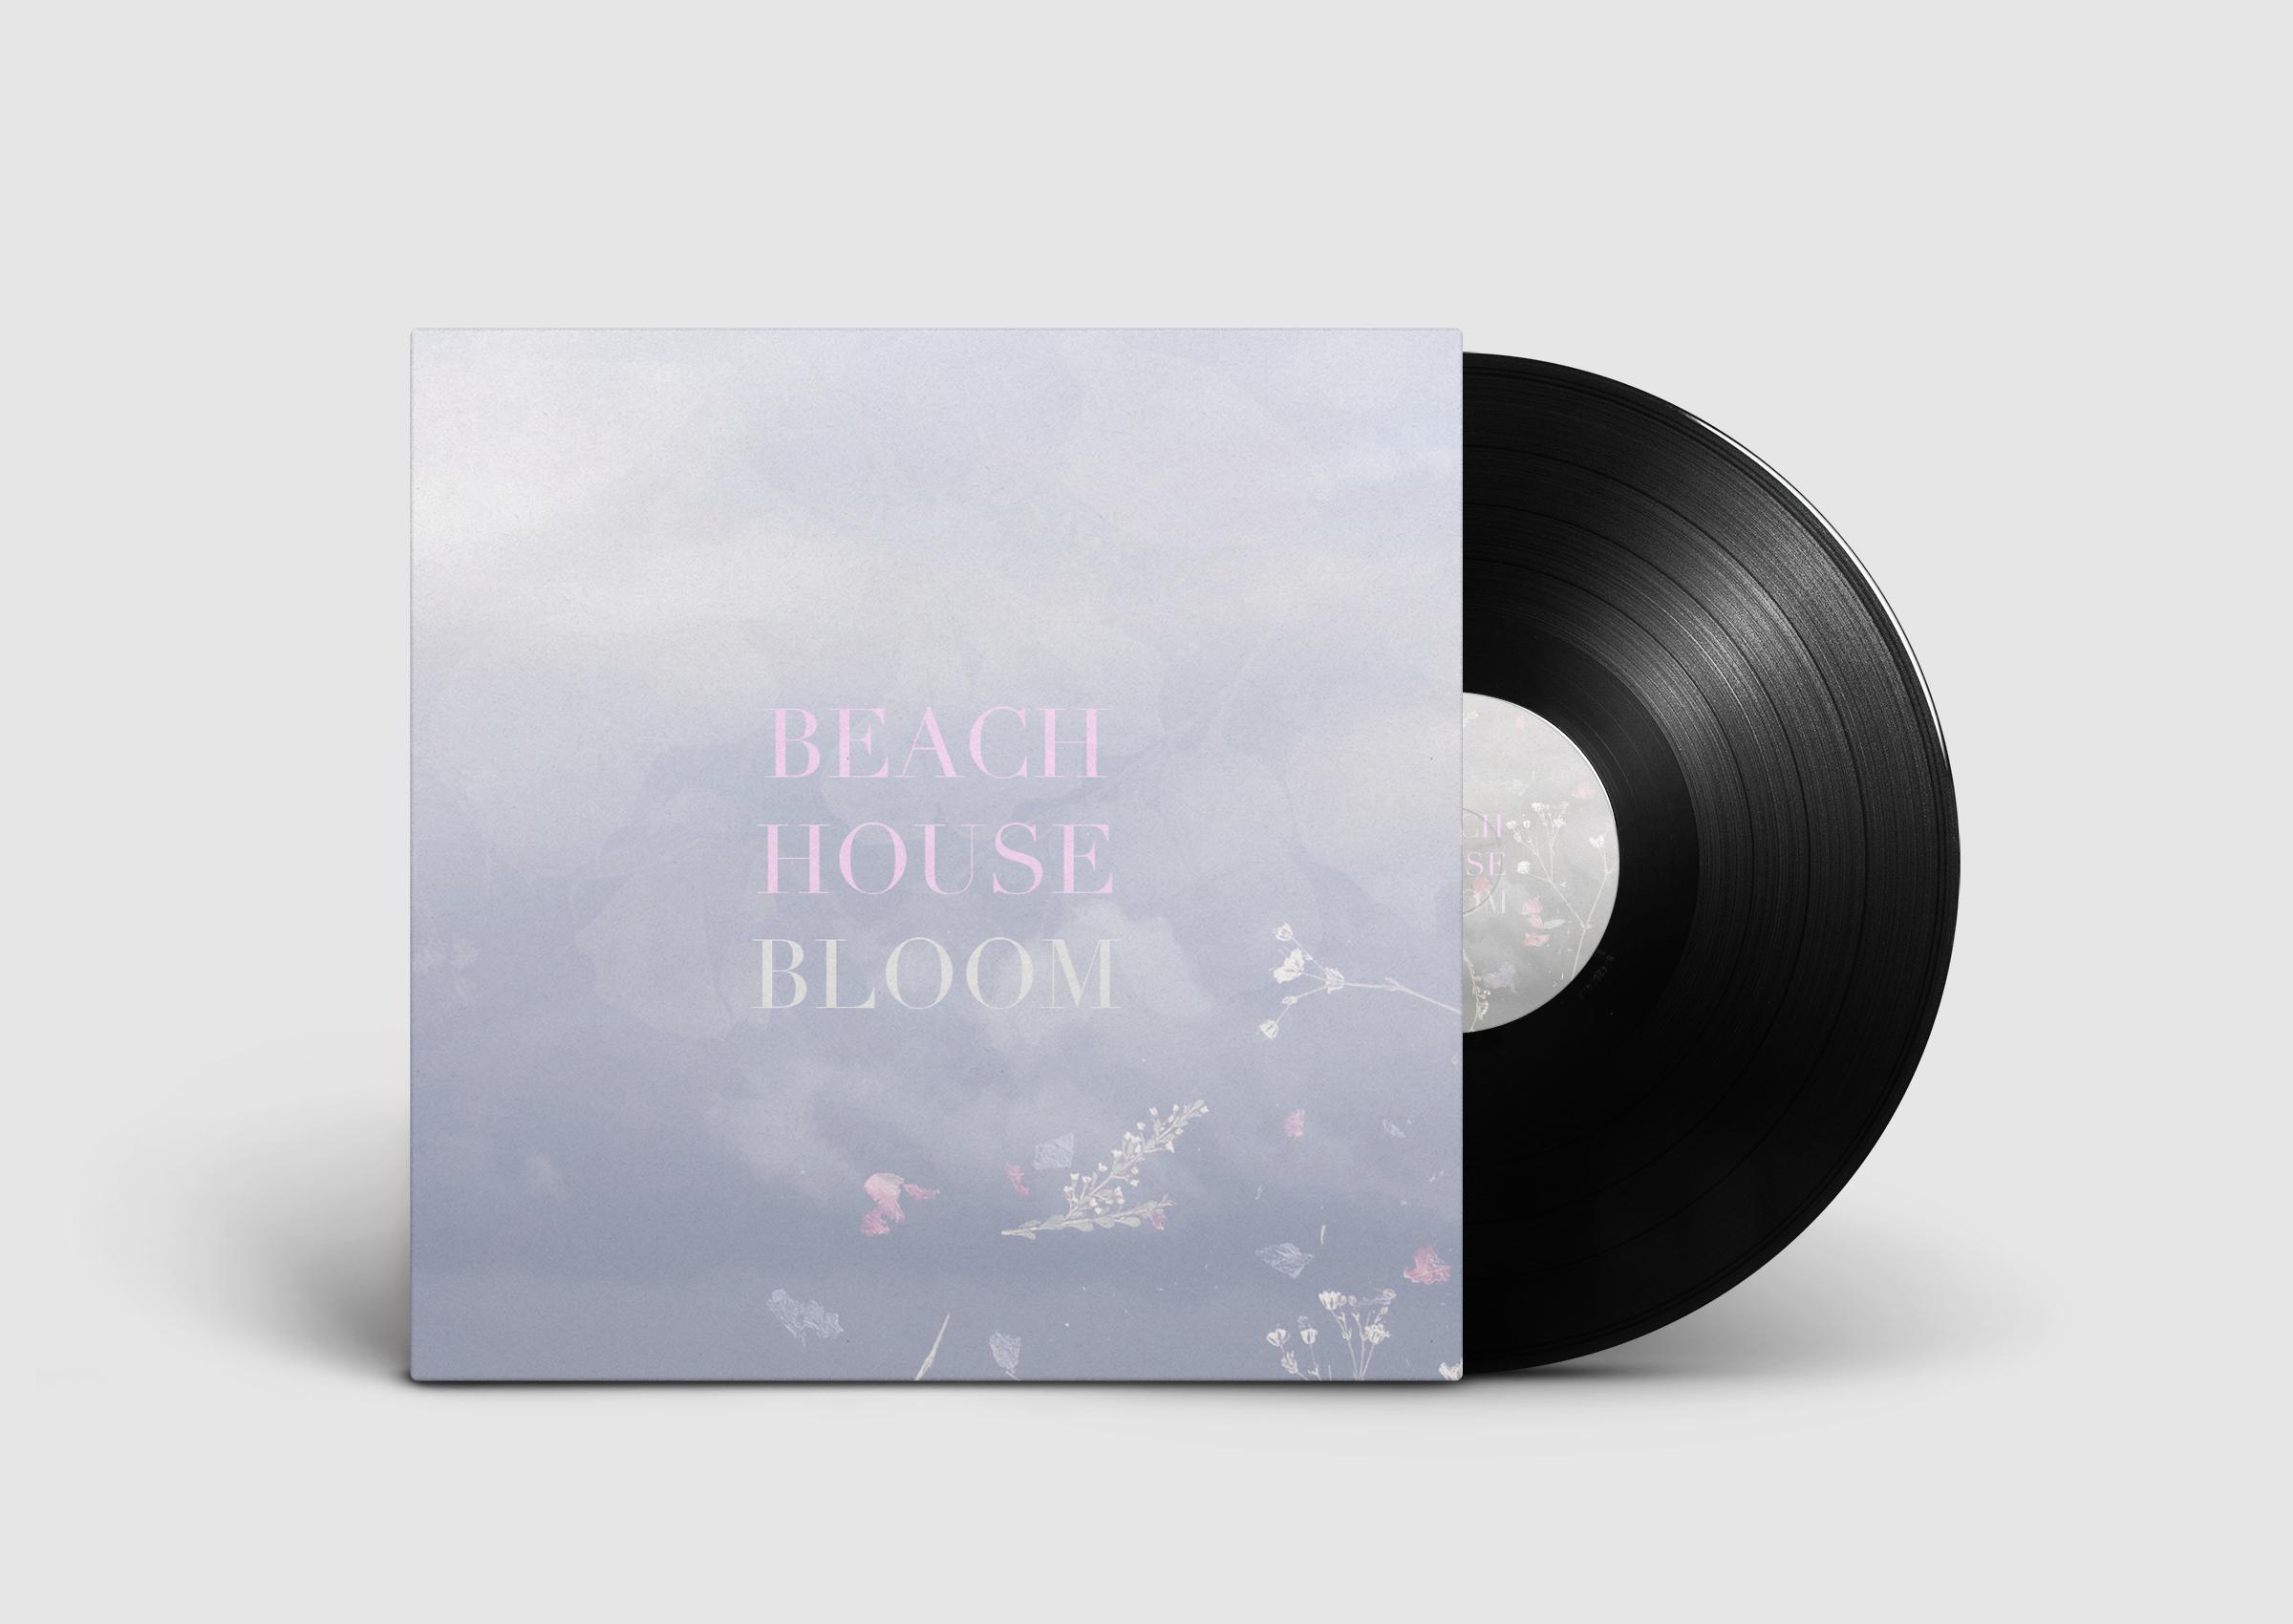 Bloom_vinyl.jpg